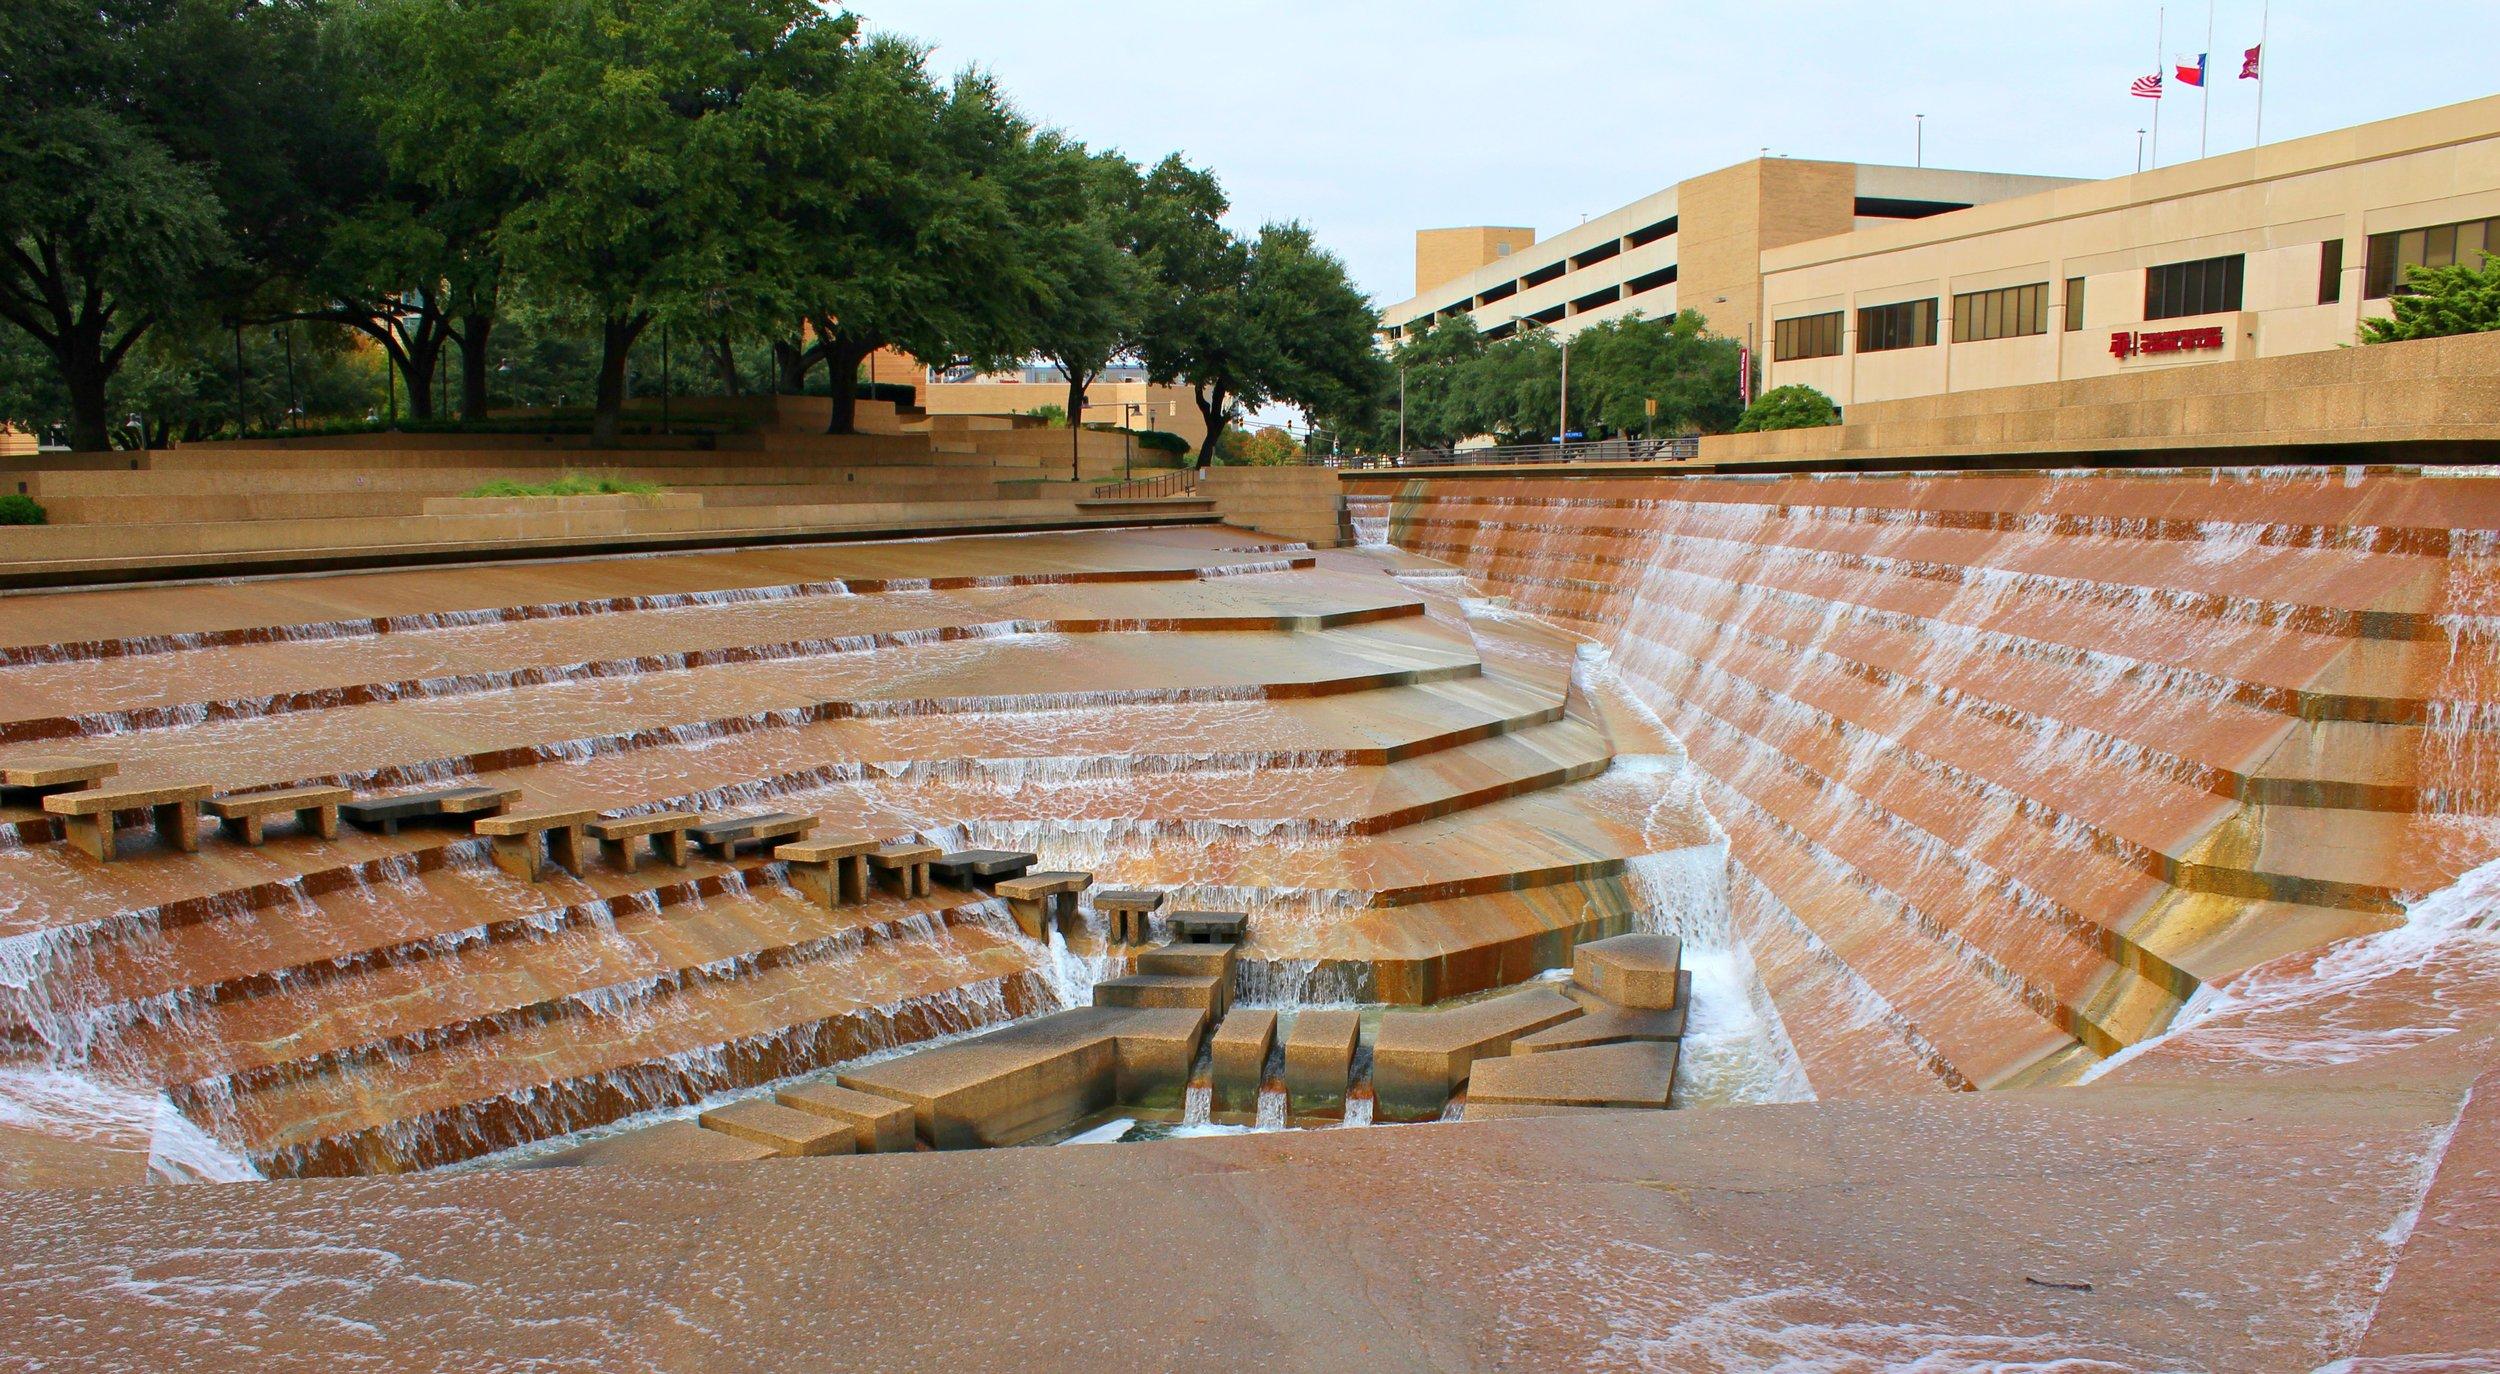 Fort Worth Water Gardens 3.0.jpg